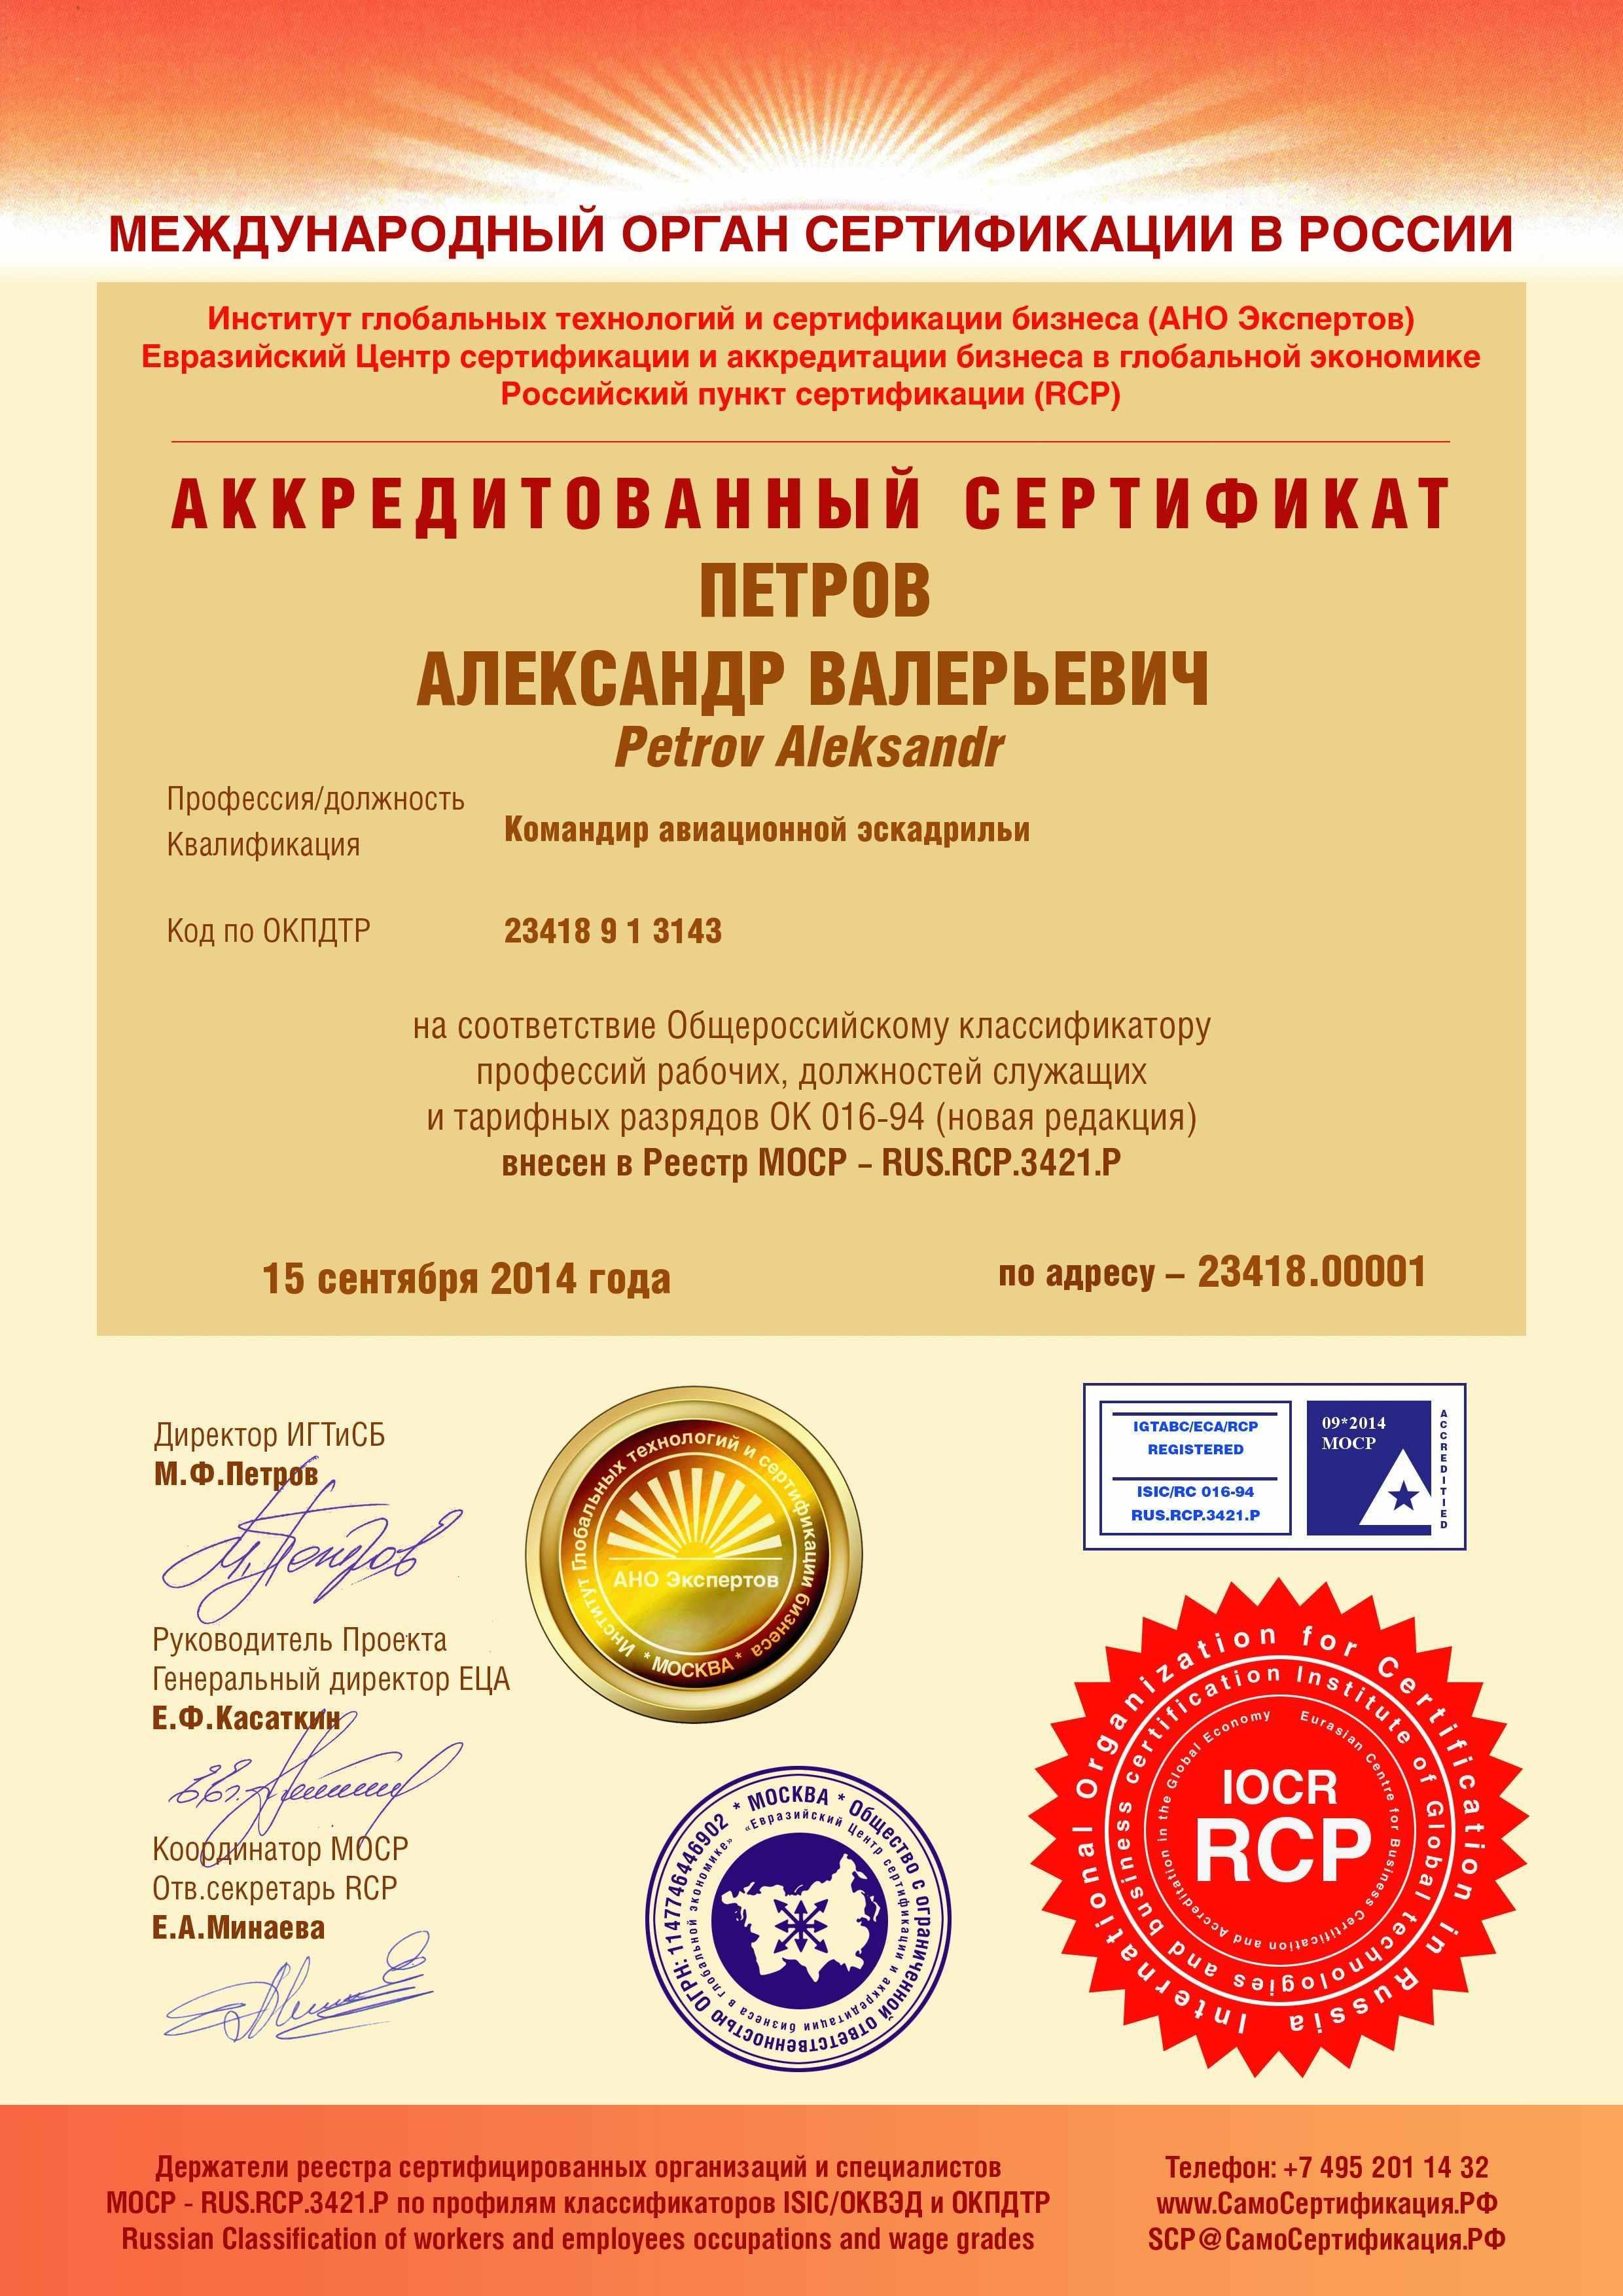 Аккредитованный сертификат Командир авиационной эскадрильи